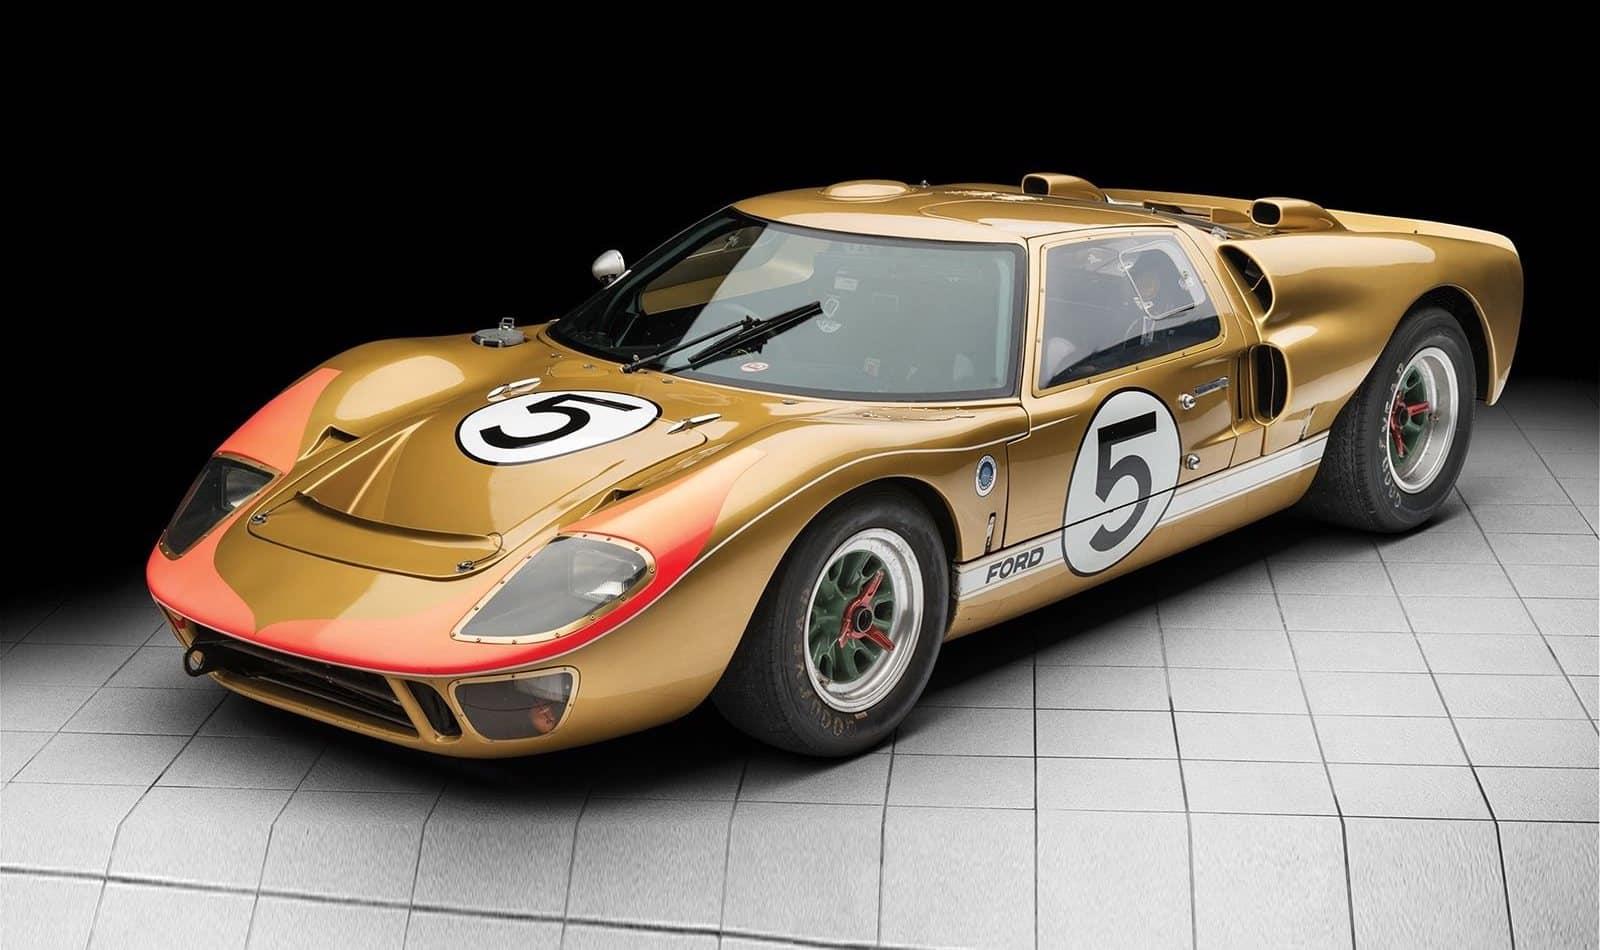 A subasta este Ford GT40 ganador de las 24 Horas de Le Mans ¿Adivinas su precio?